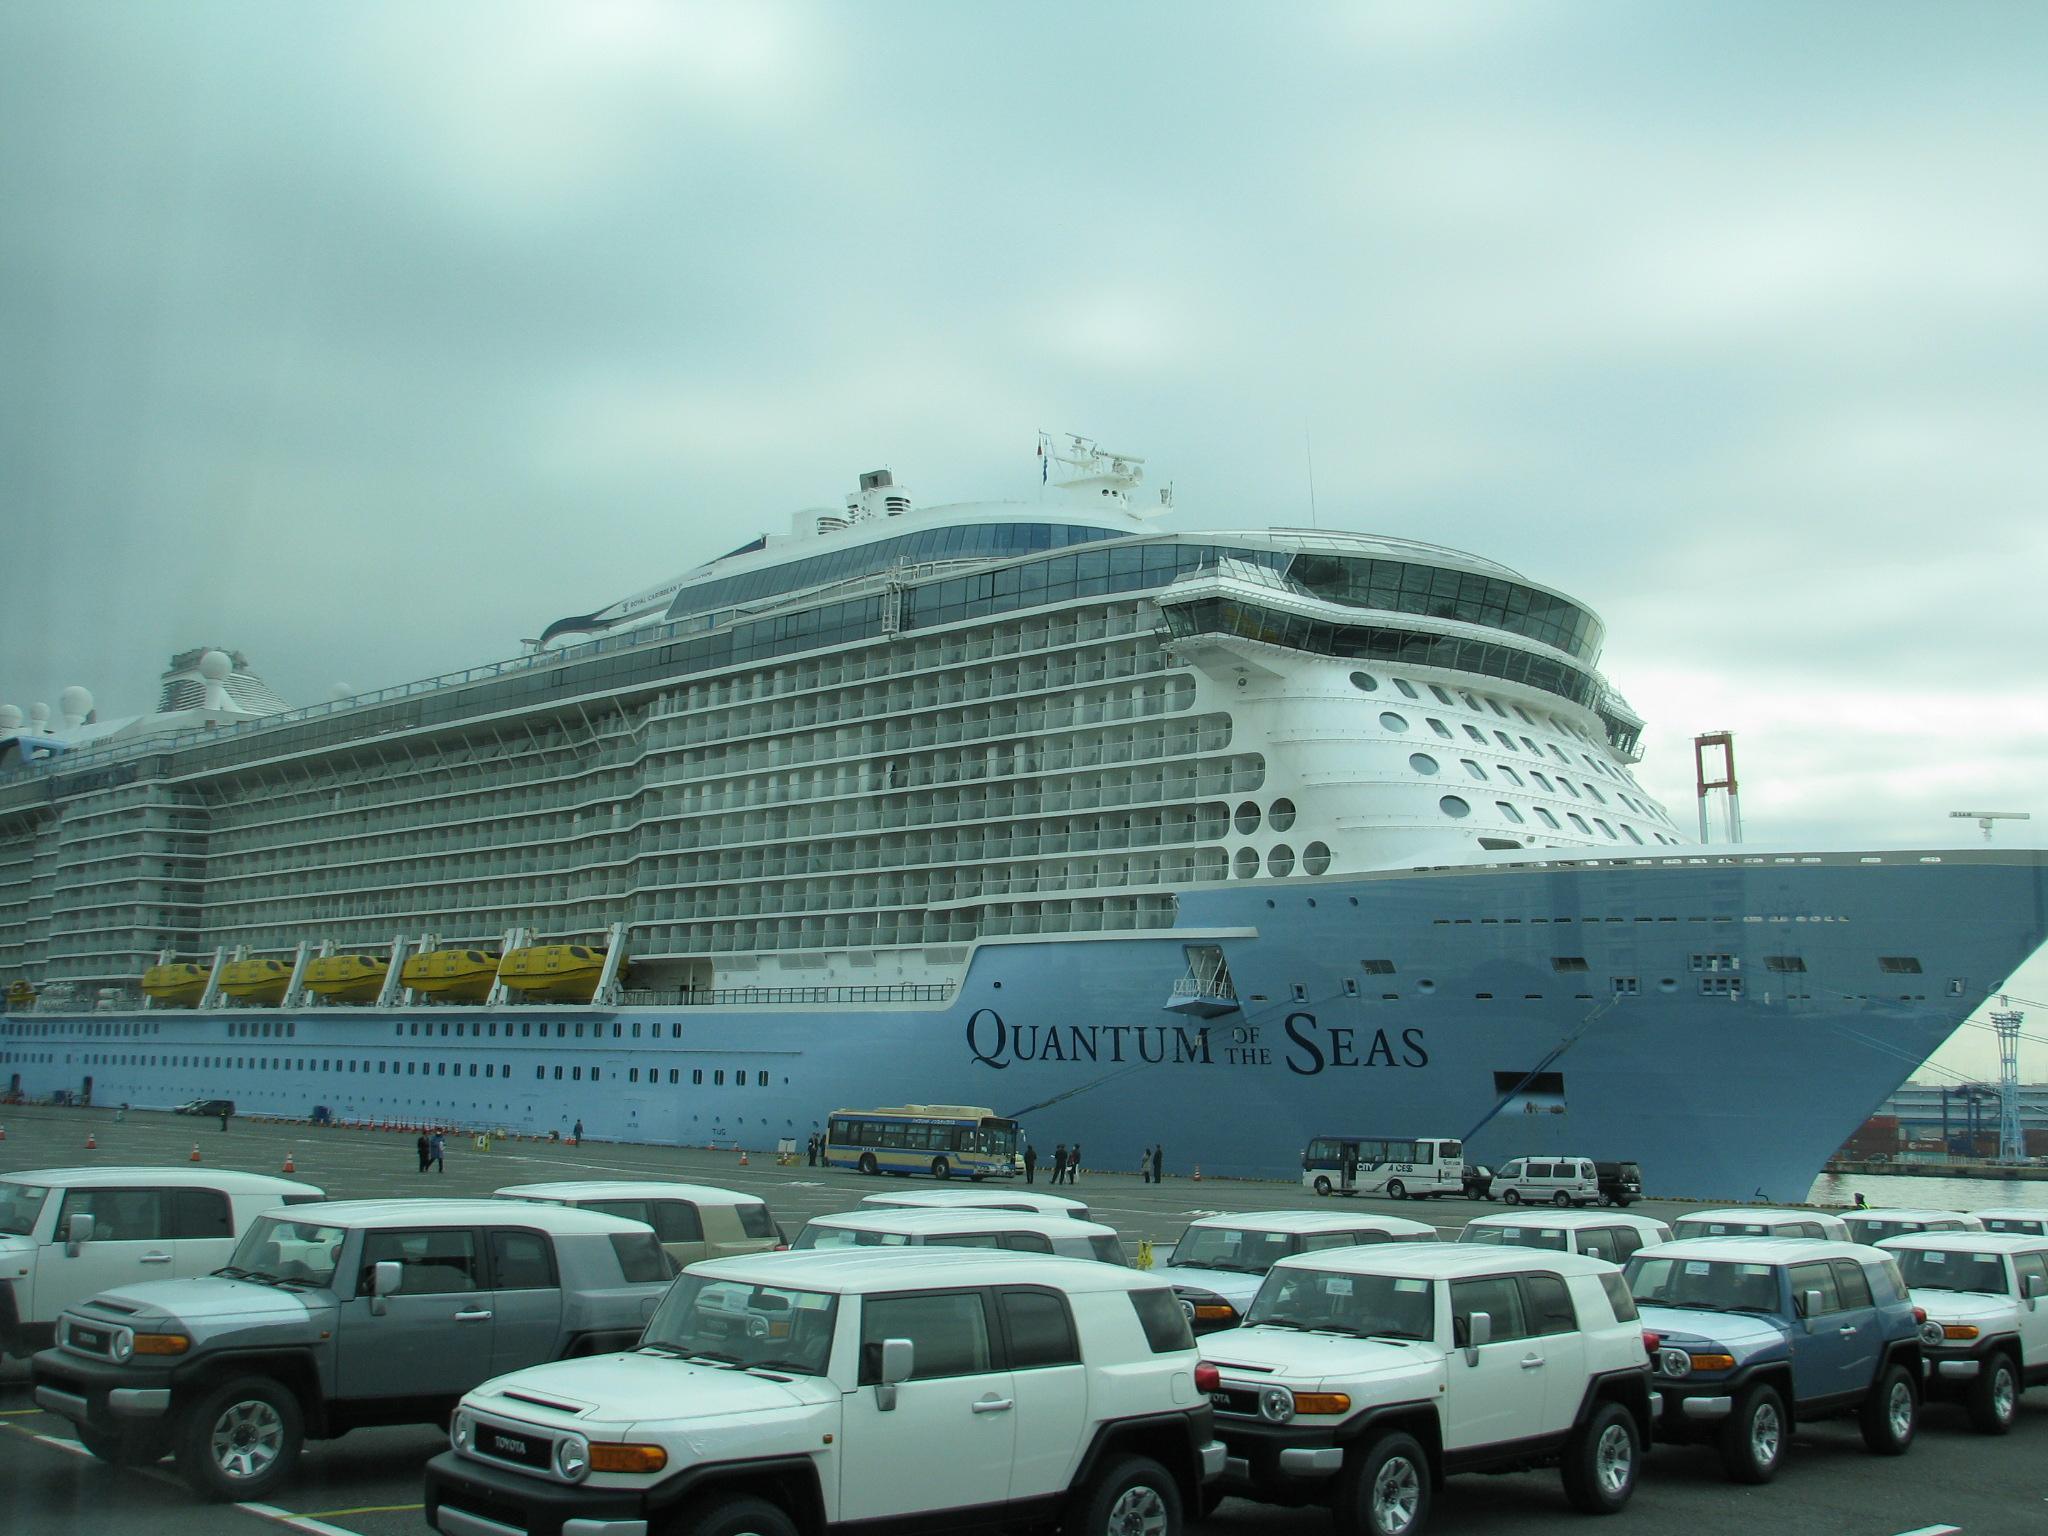 熊本地震で中止されていた訪日クルーズ船の寄港が再開、上海から4000名が熊本八代港に -ロイヤル・カリビアン